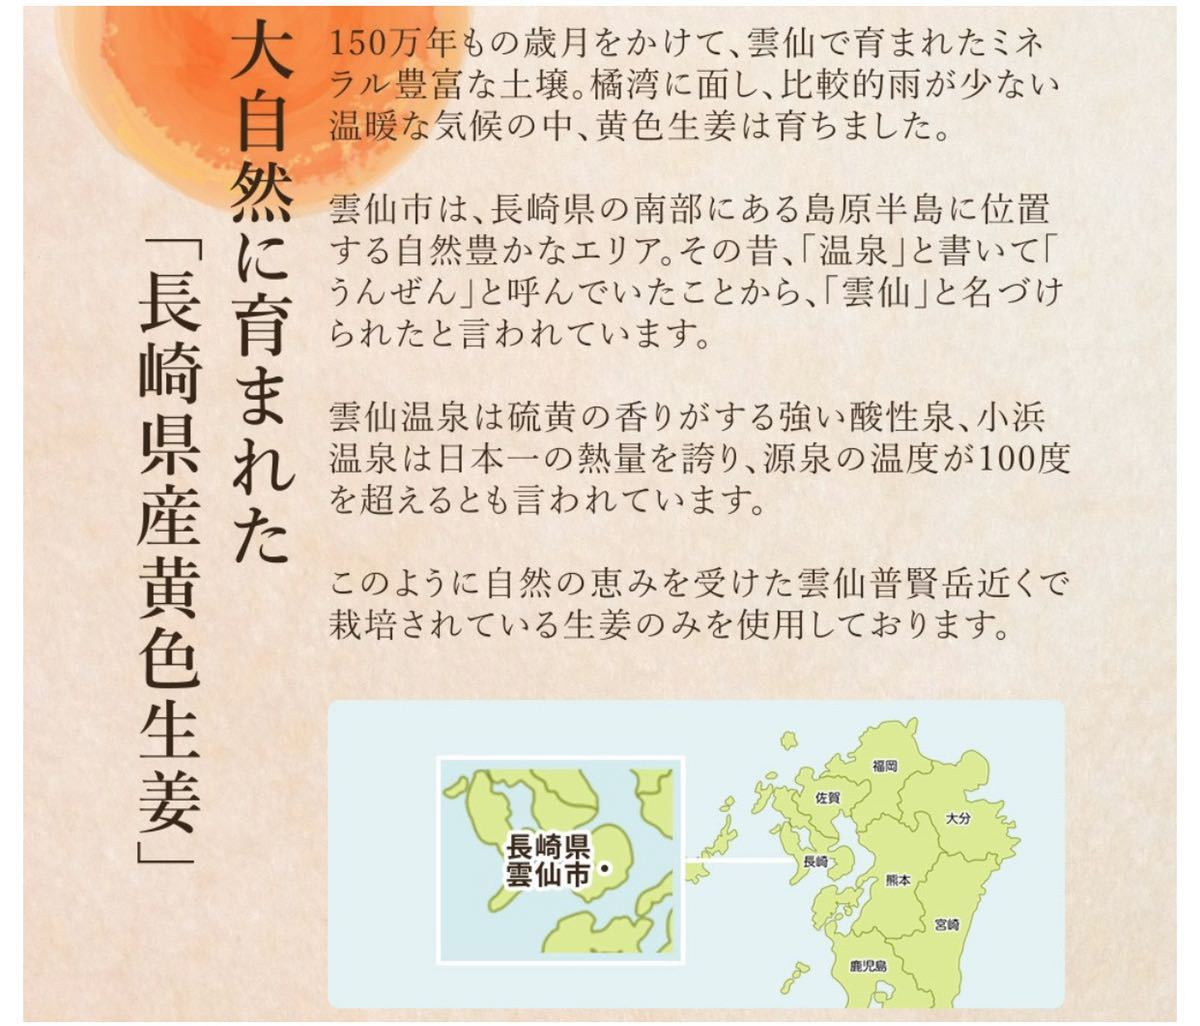 長崎県産しょうが使用 生姜美人 ペースト状 1箱31包入り 化学調味料 着色料 保存料 香料 全て一切不使用 温活_画像4